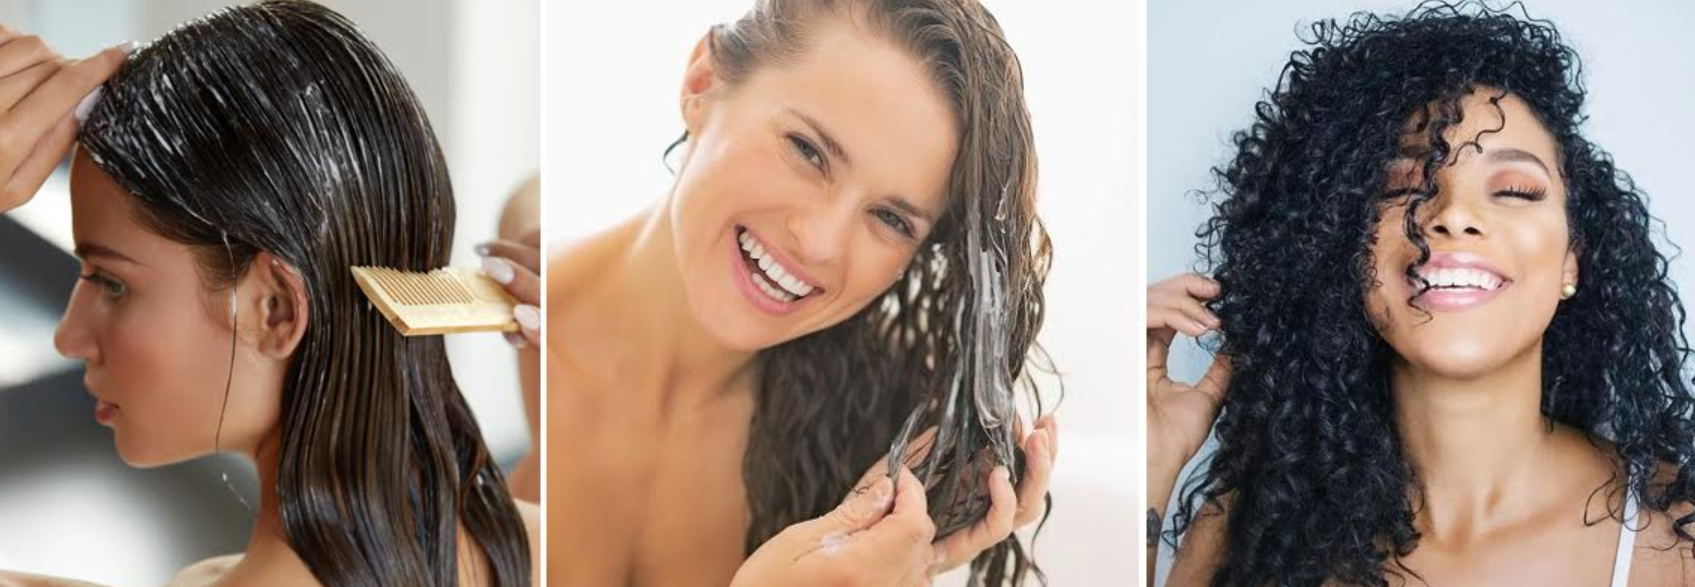 imagens de mulheres hidratando os cabelos de diferentes formas